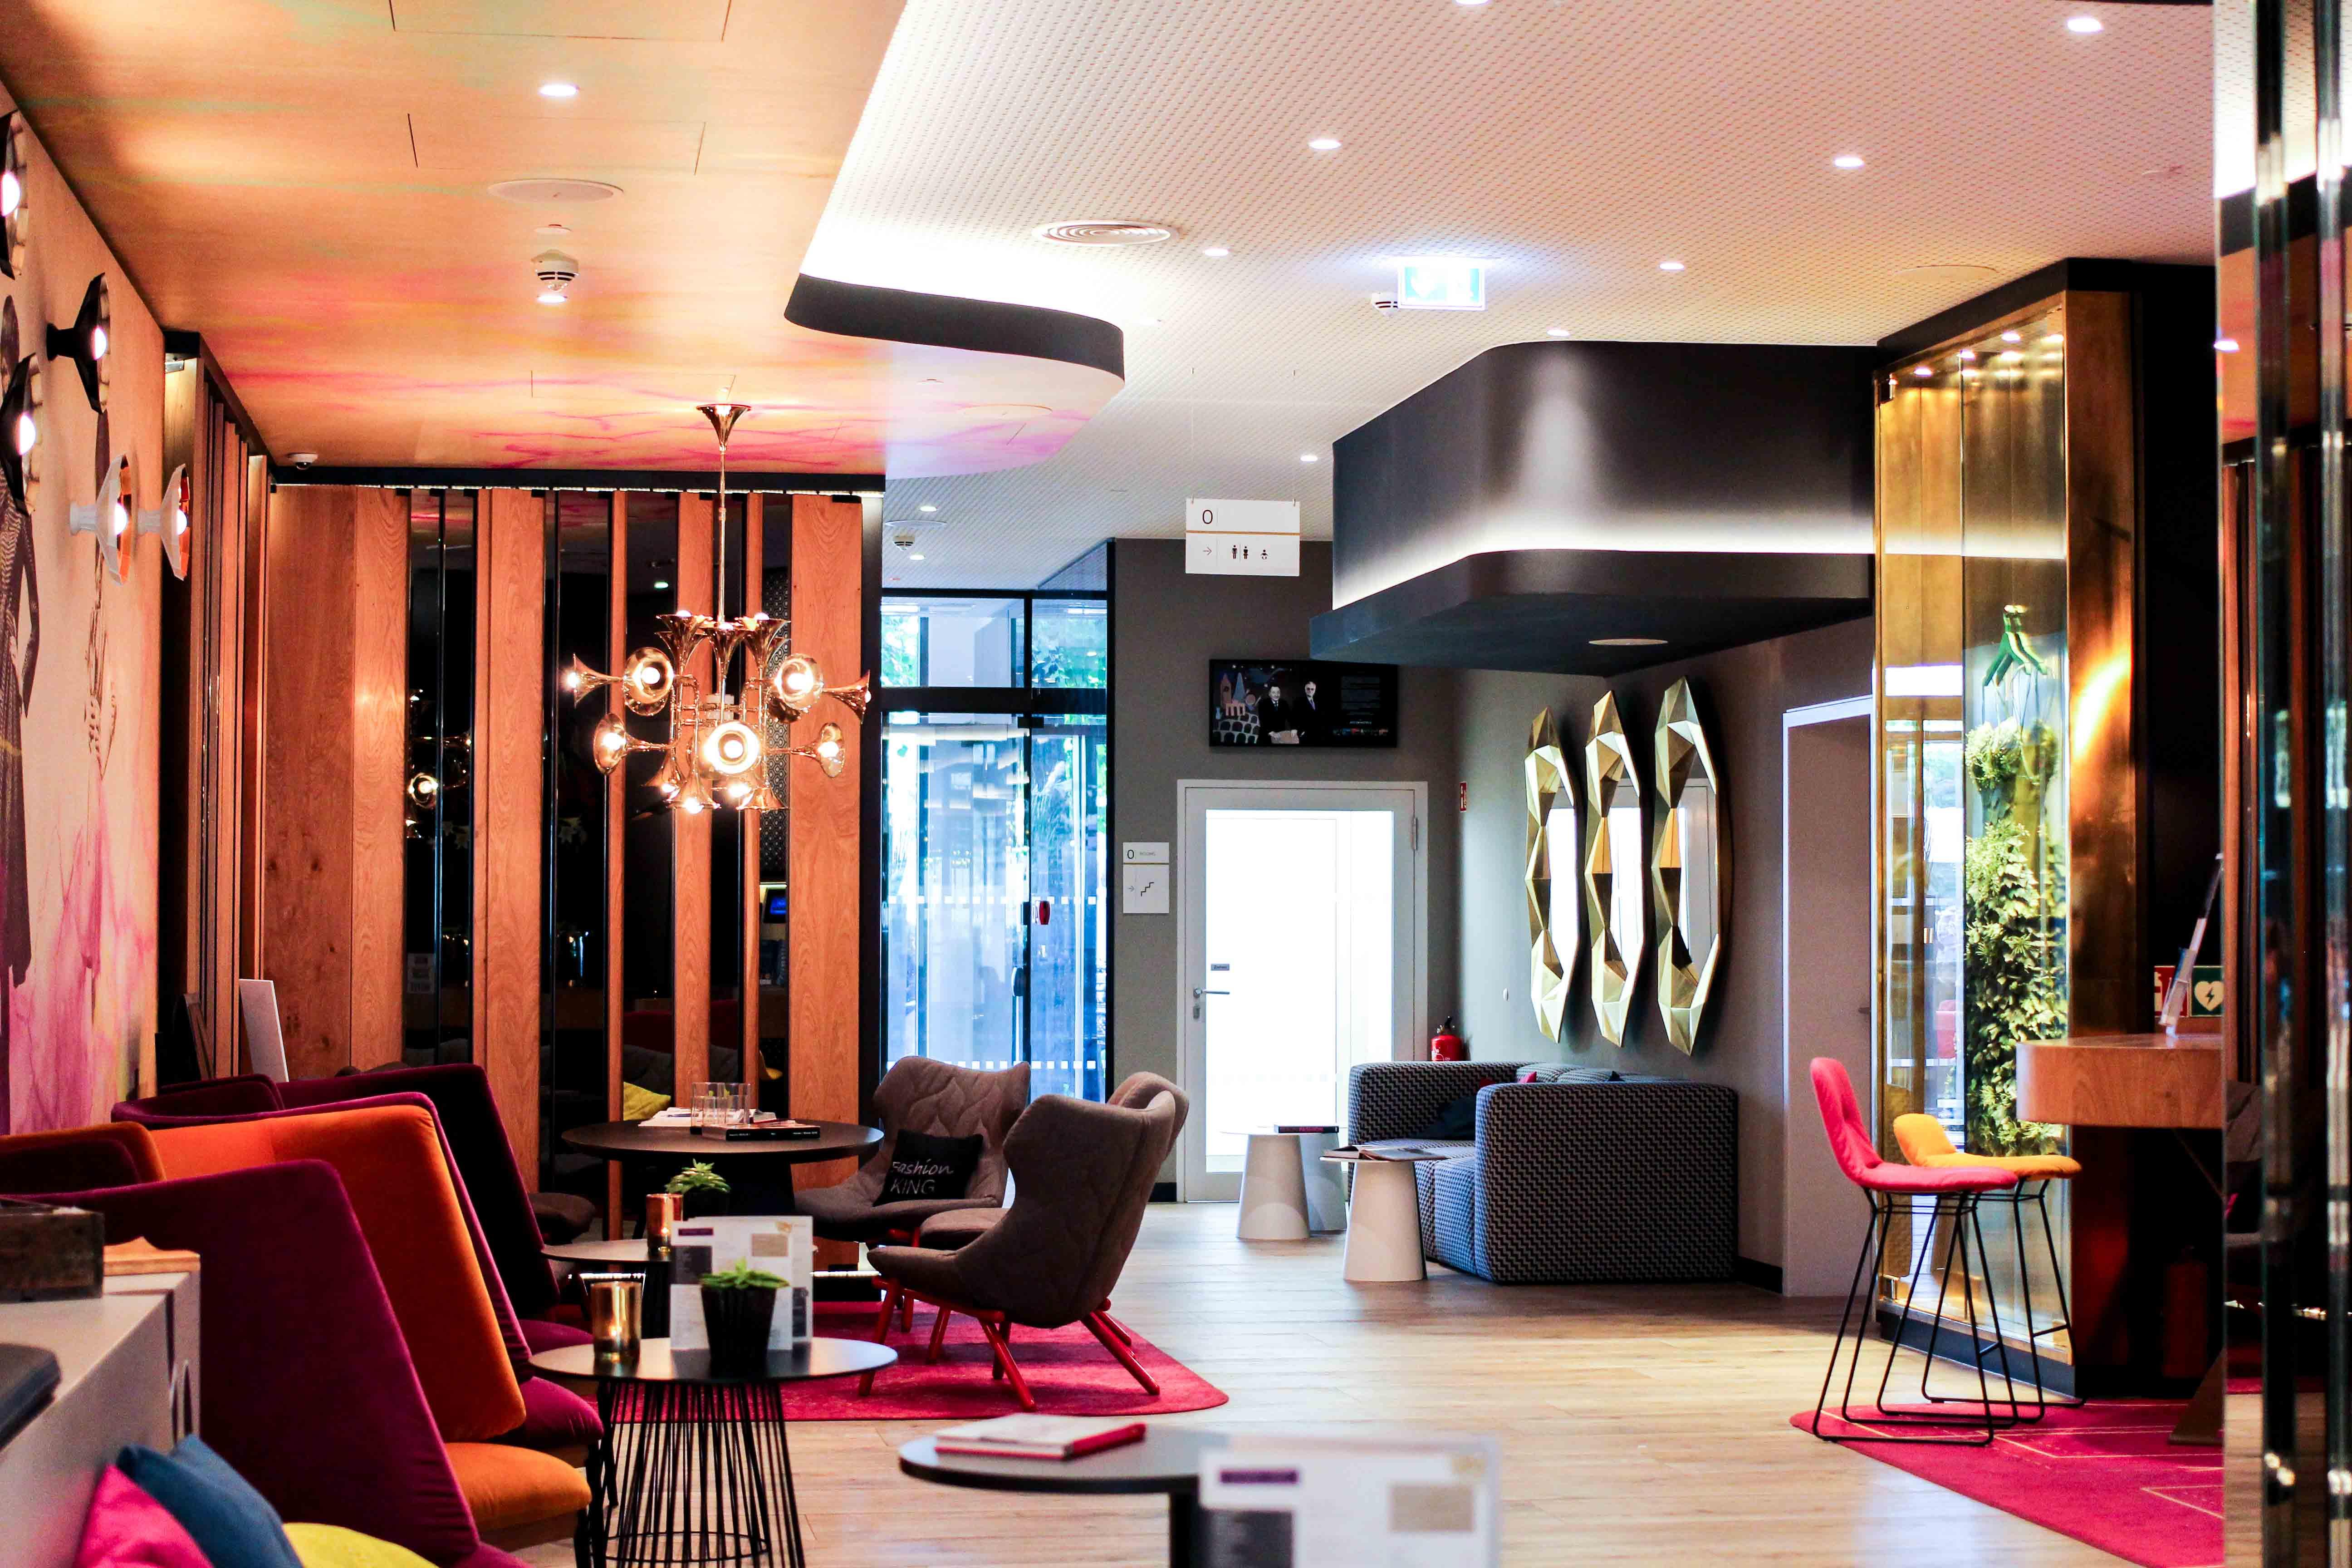 Hotel Fashion Week Mercure Hotel Berlin Wittenbergplatz Berlins Trend-Hotel Lobby